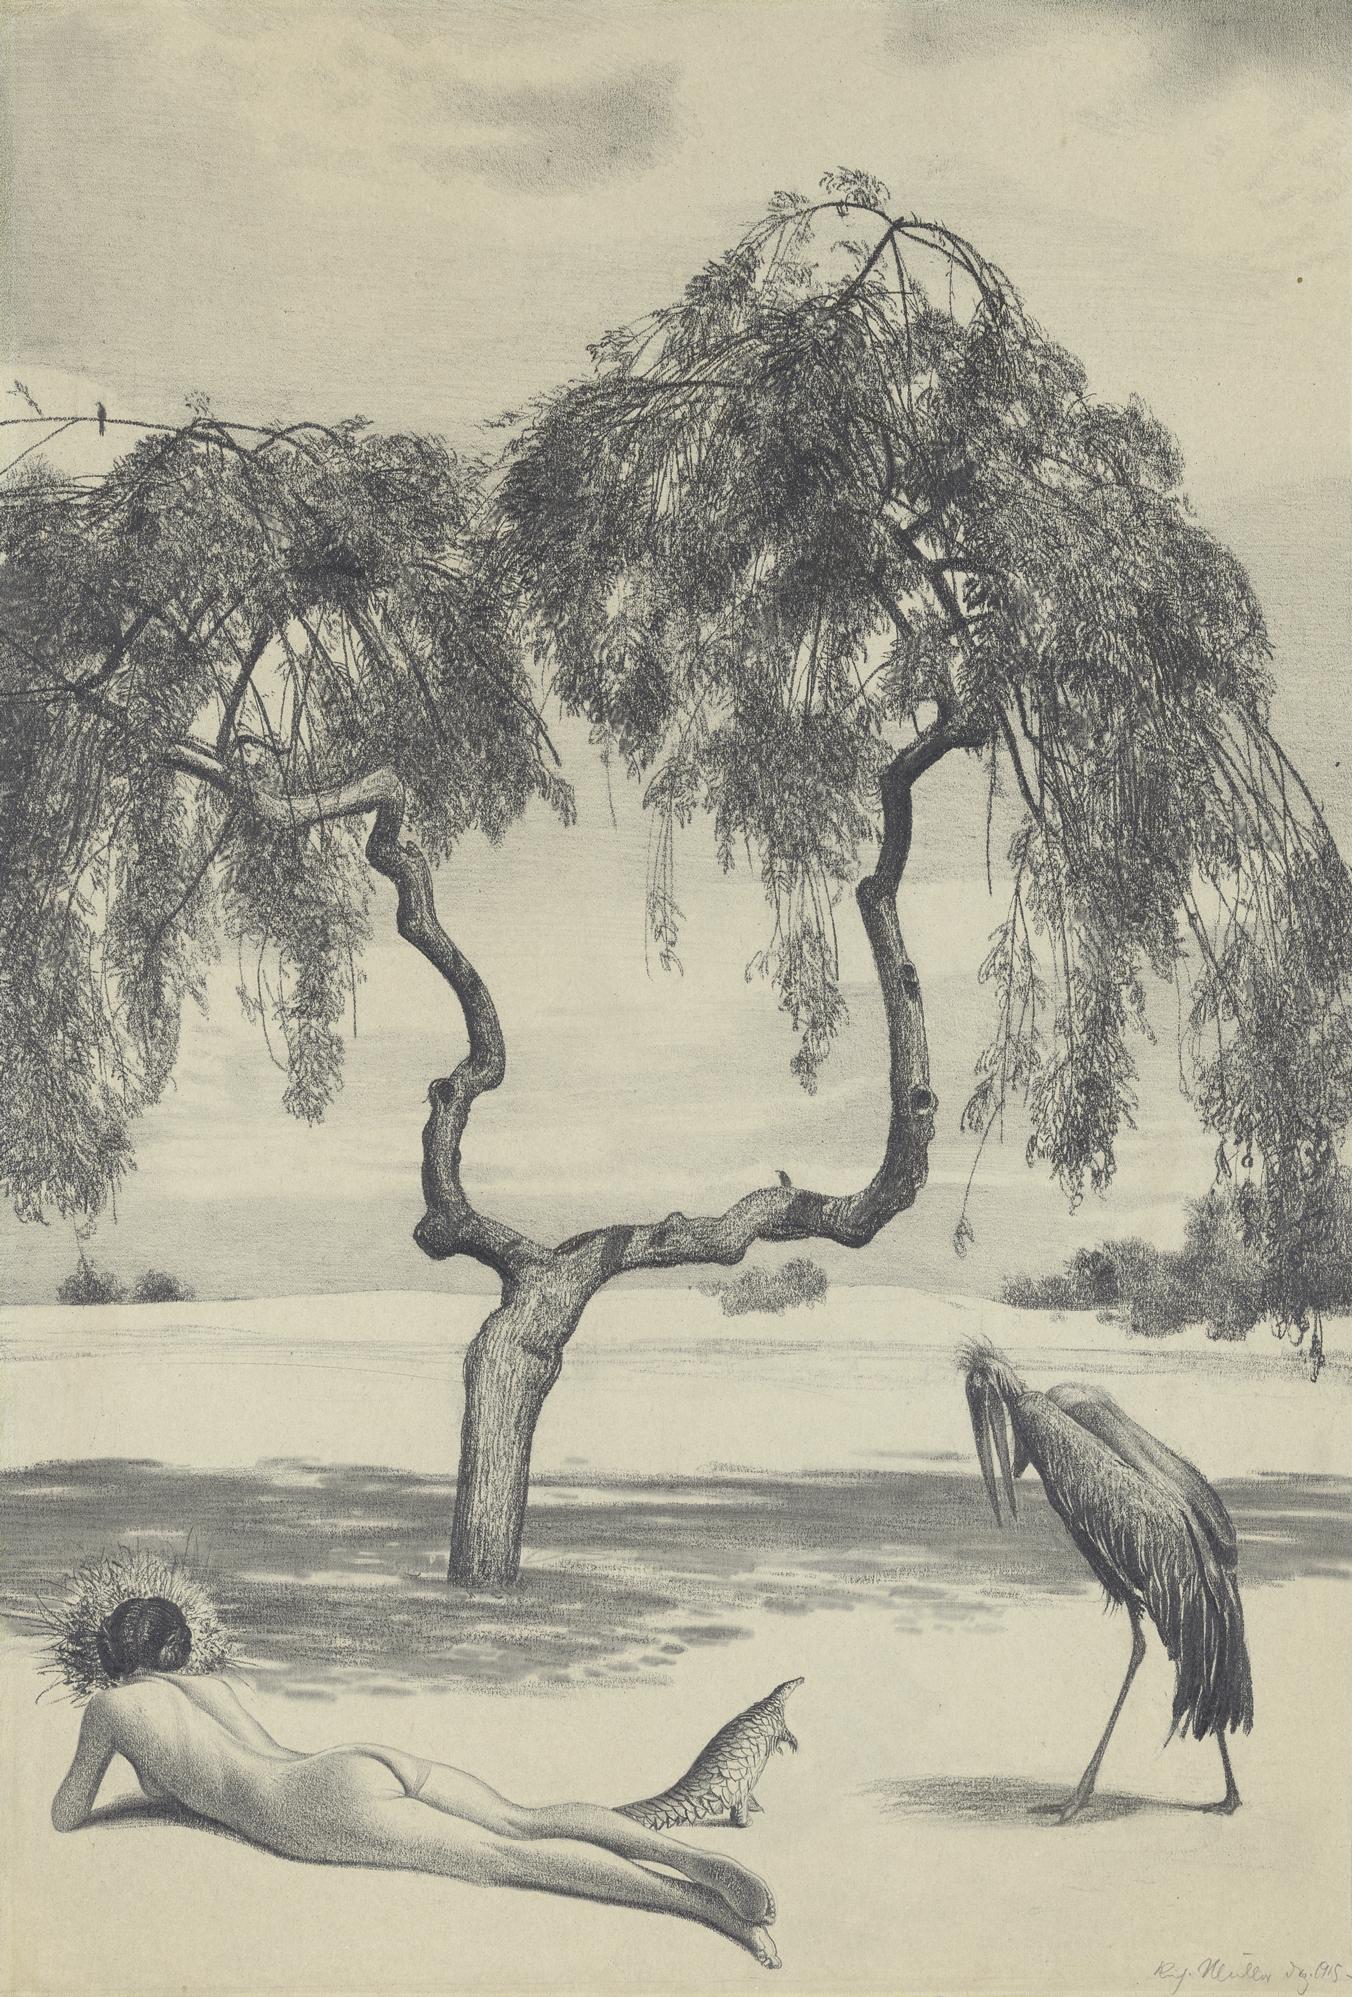 Dans le soleil de midi (In der Mittagssonne, 1915), Richard Muller